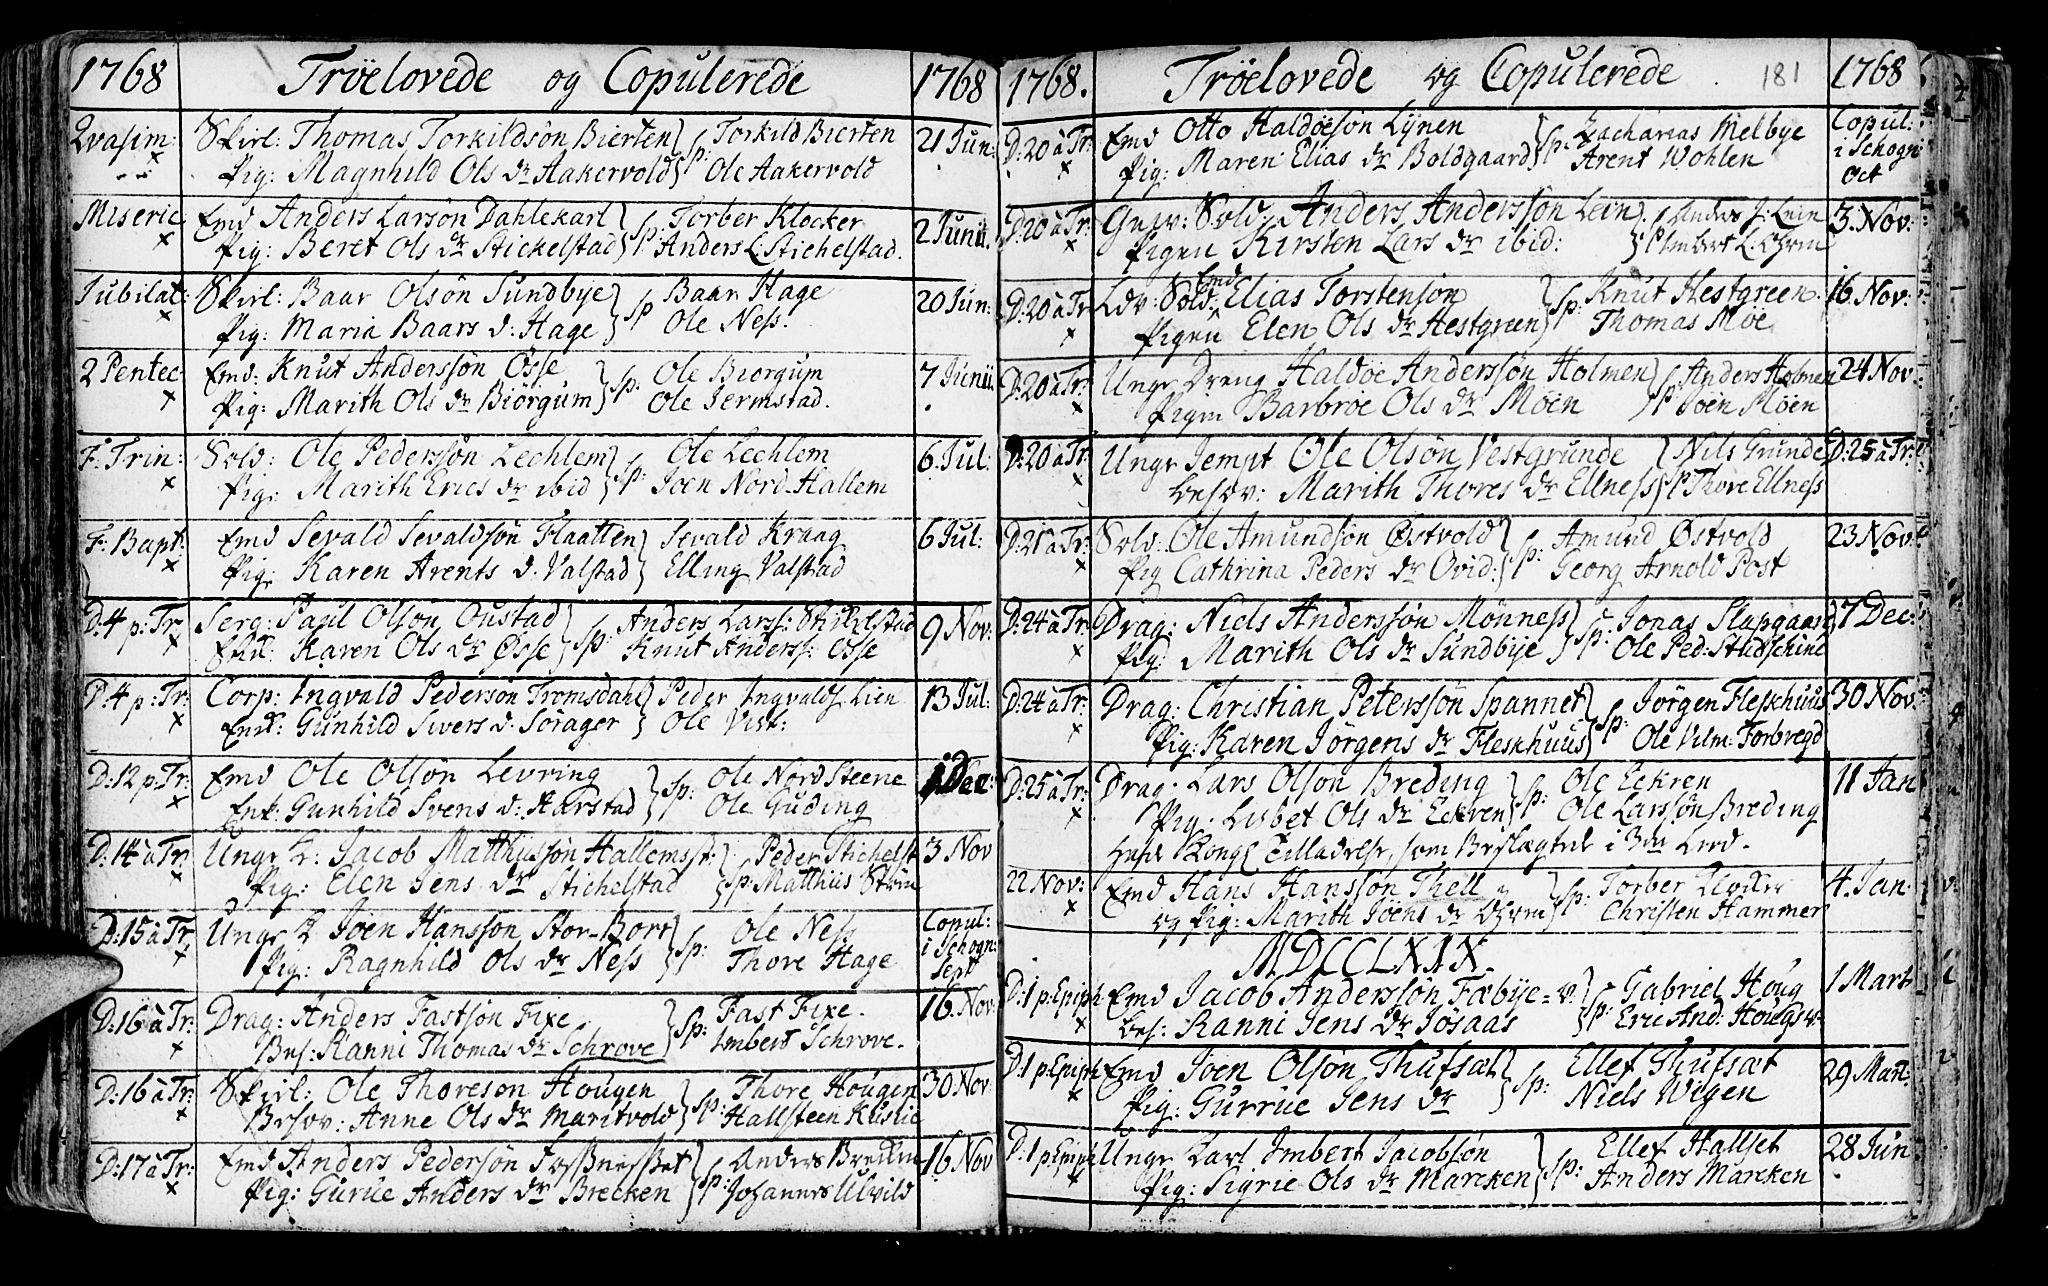 SAT, Ministerialprotokoller, klokkerbøker og fødselsregistre - Nord-Trøndelag, 723/L0231: Ministerialbok nr. 723A02, 1748-1780, s. 181